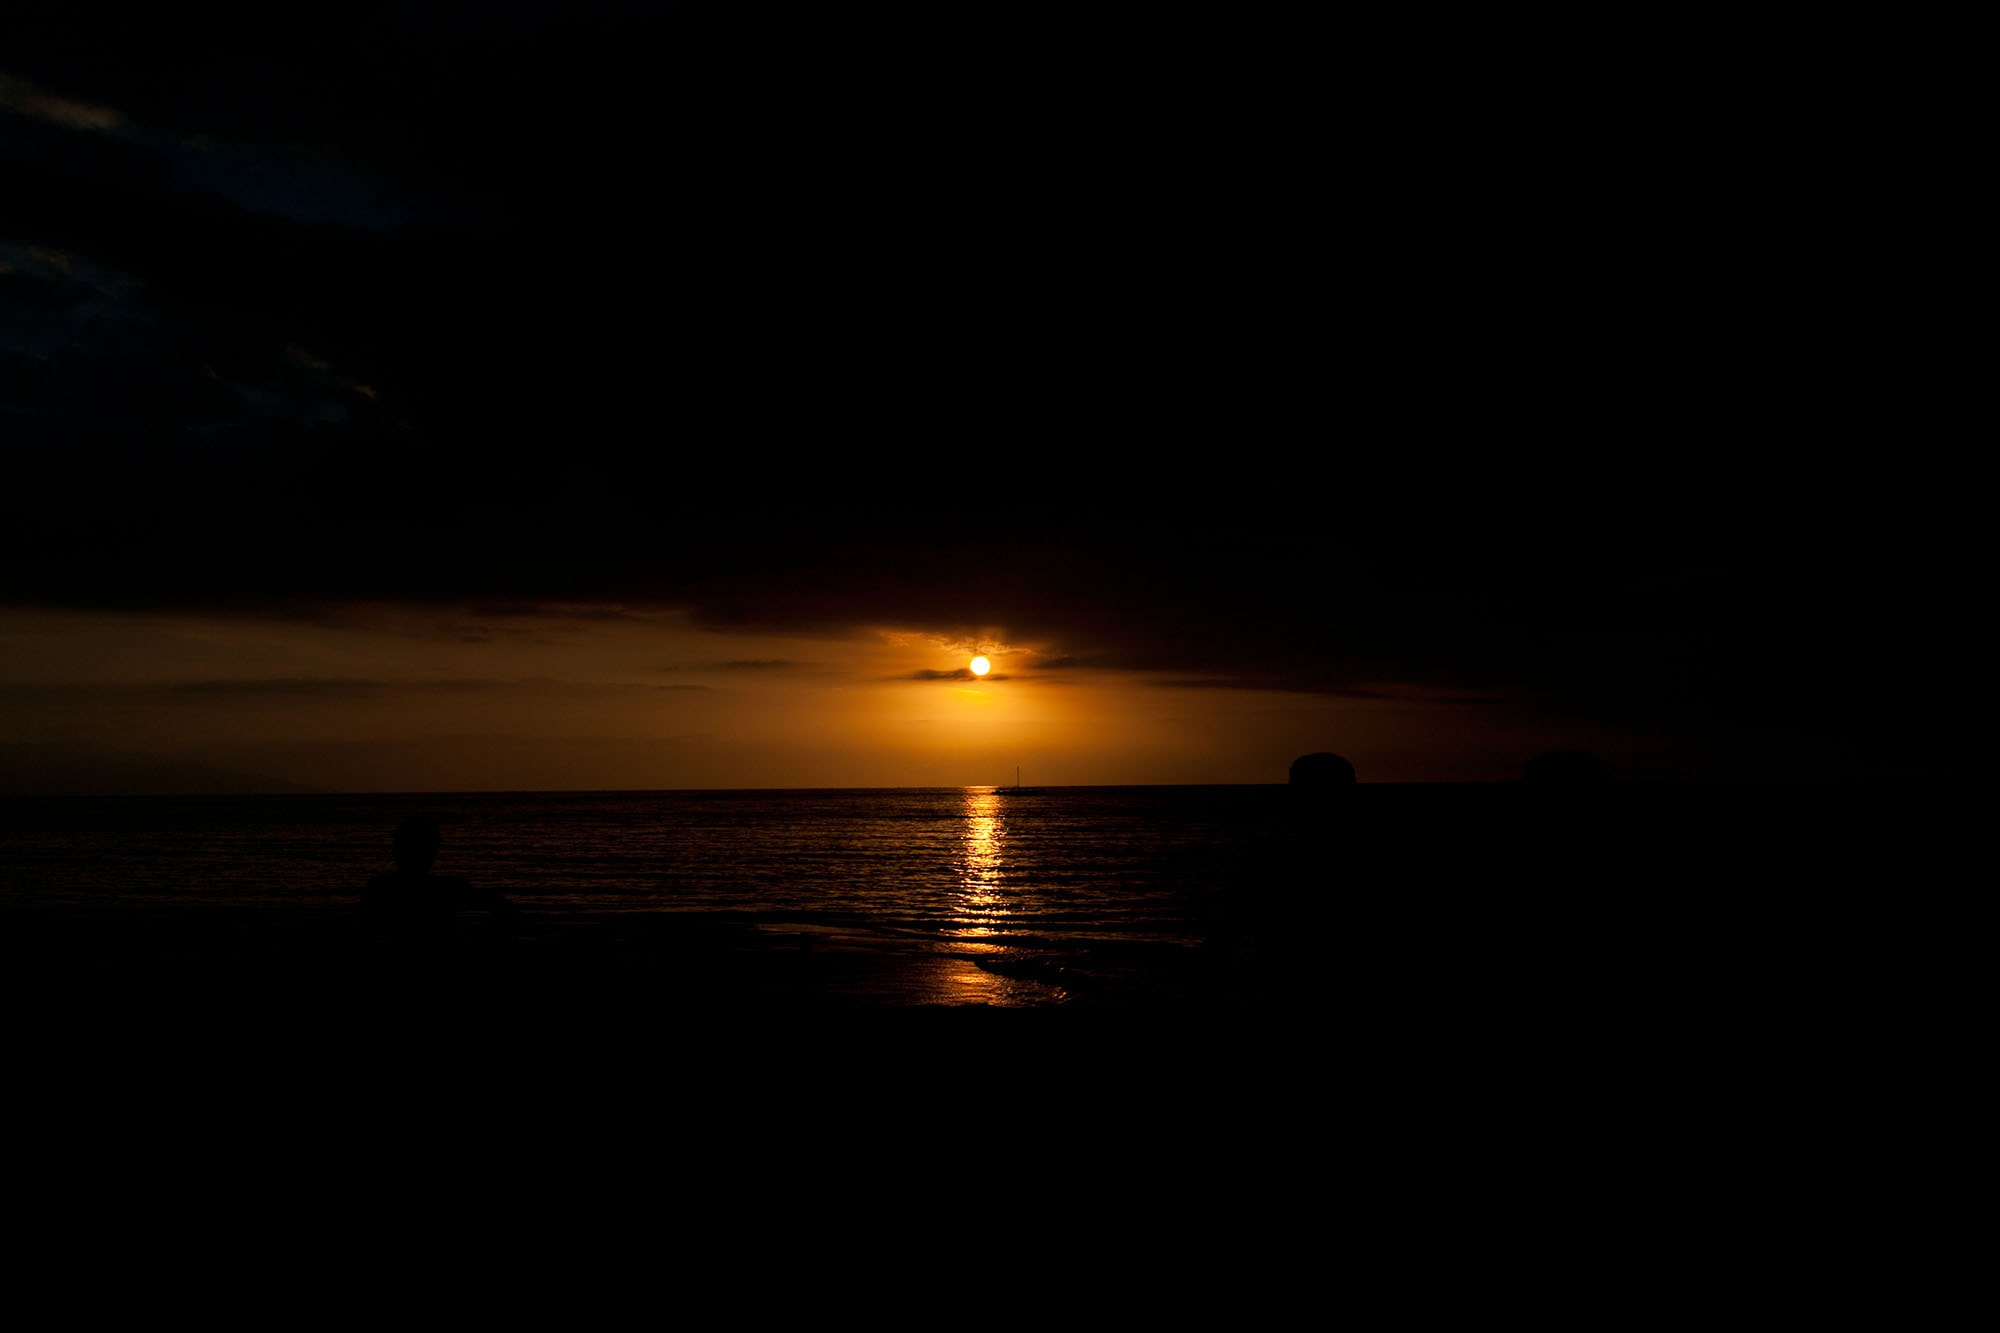 Sunset in Lovina, Bali, Indonesia